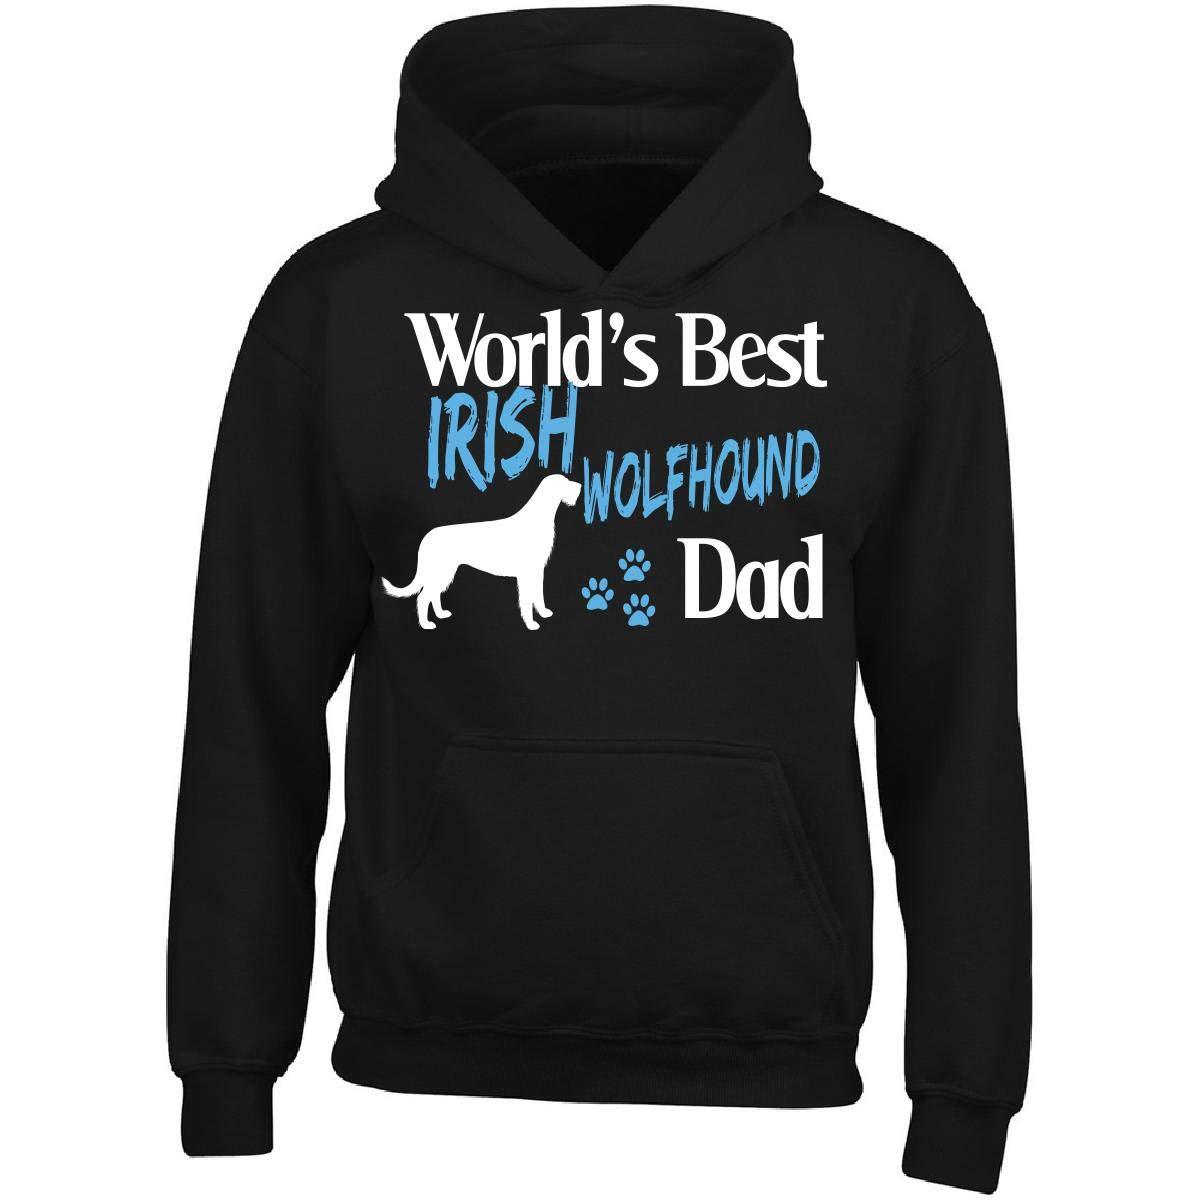 Irish Wolfhound World's Best Dog Dad, Pet Owner - Adult Hoodie M Black